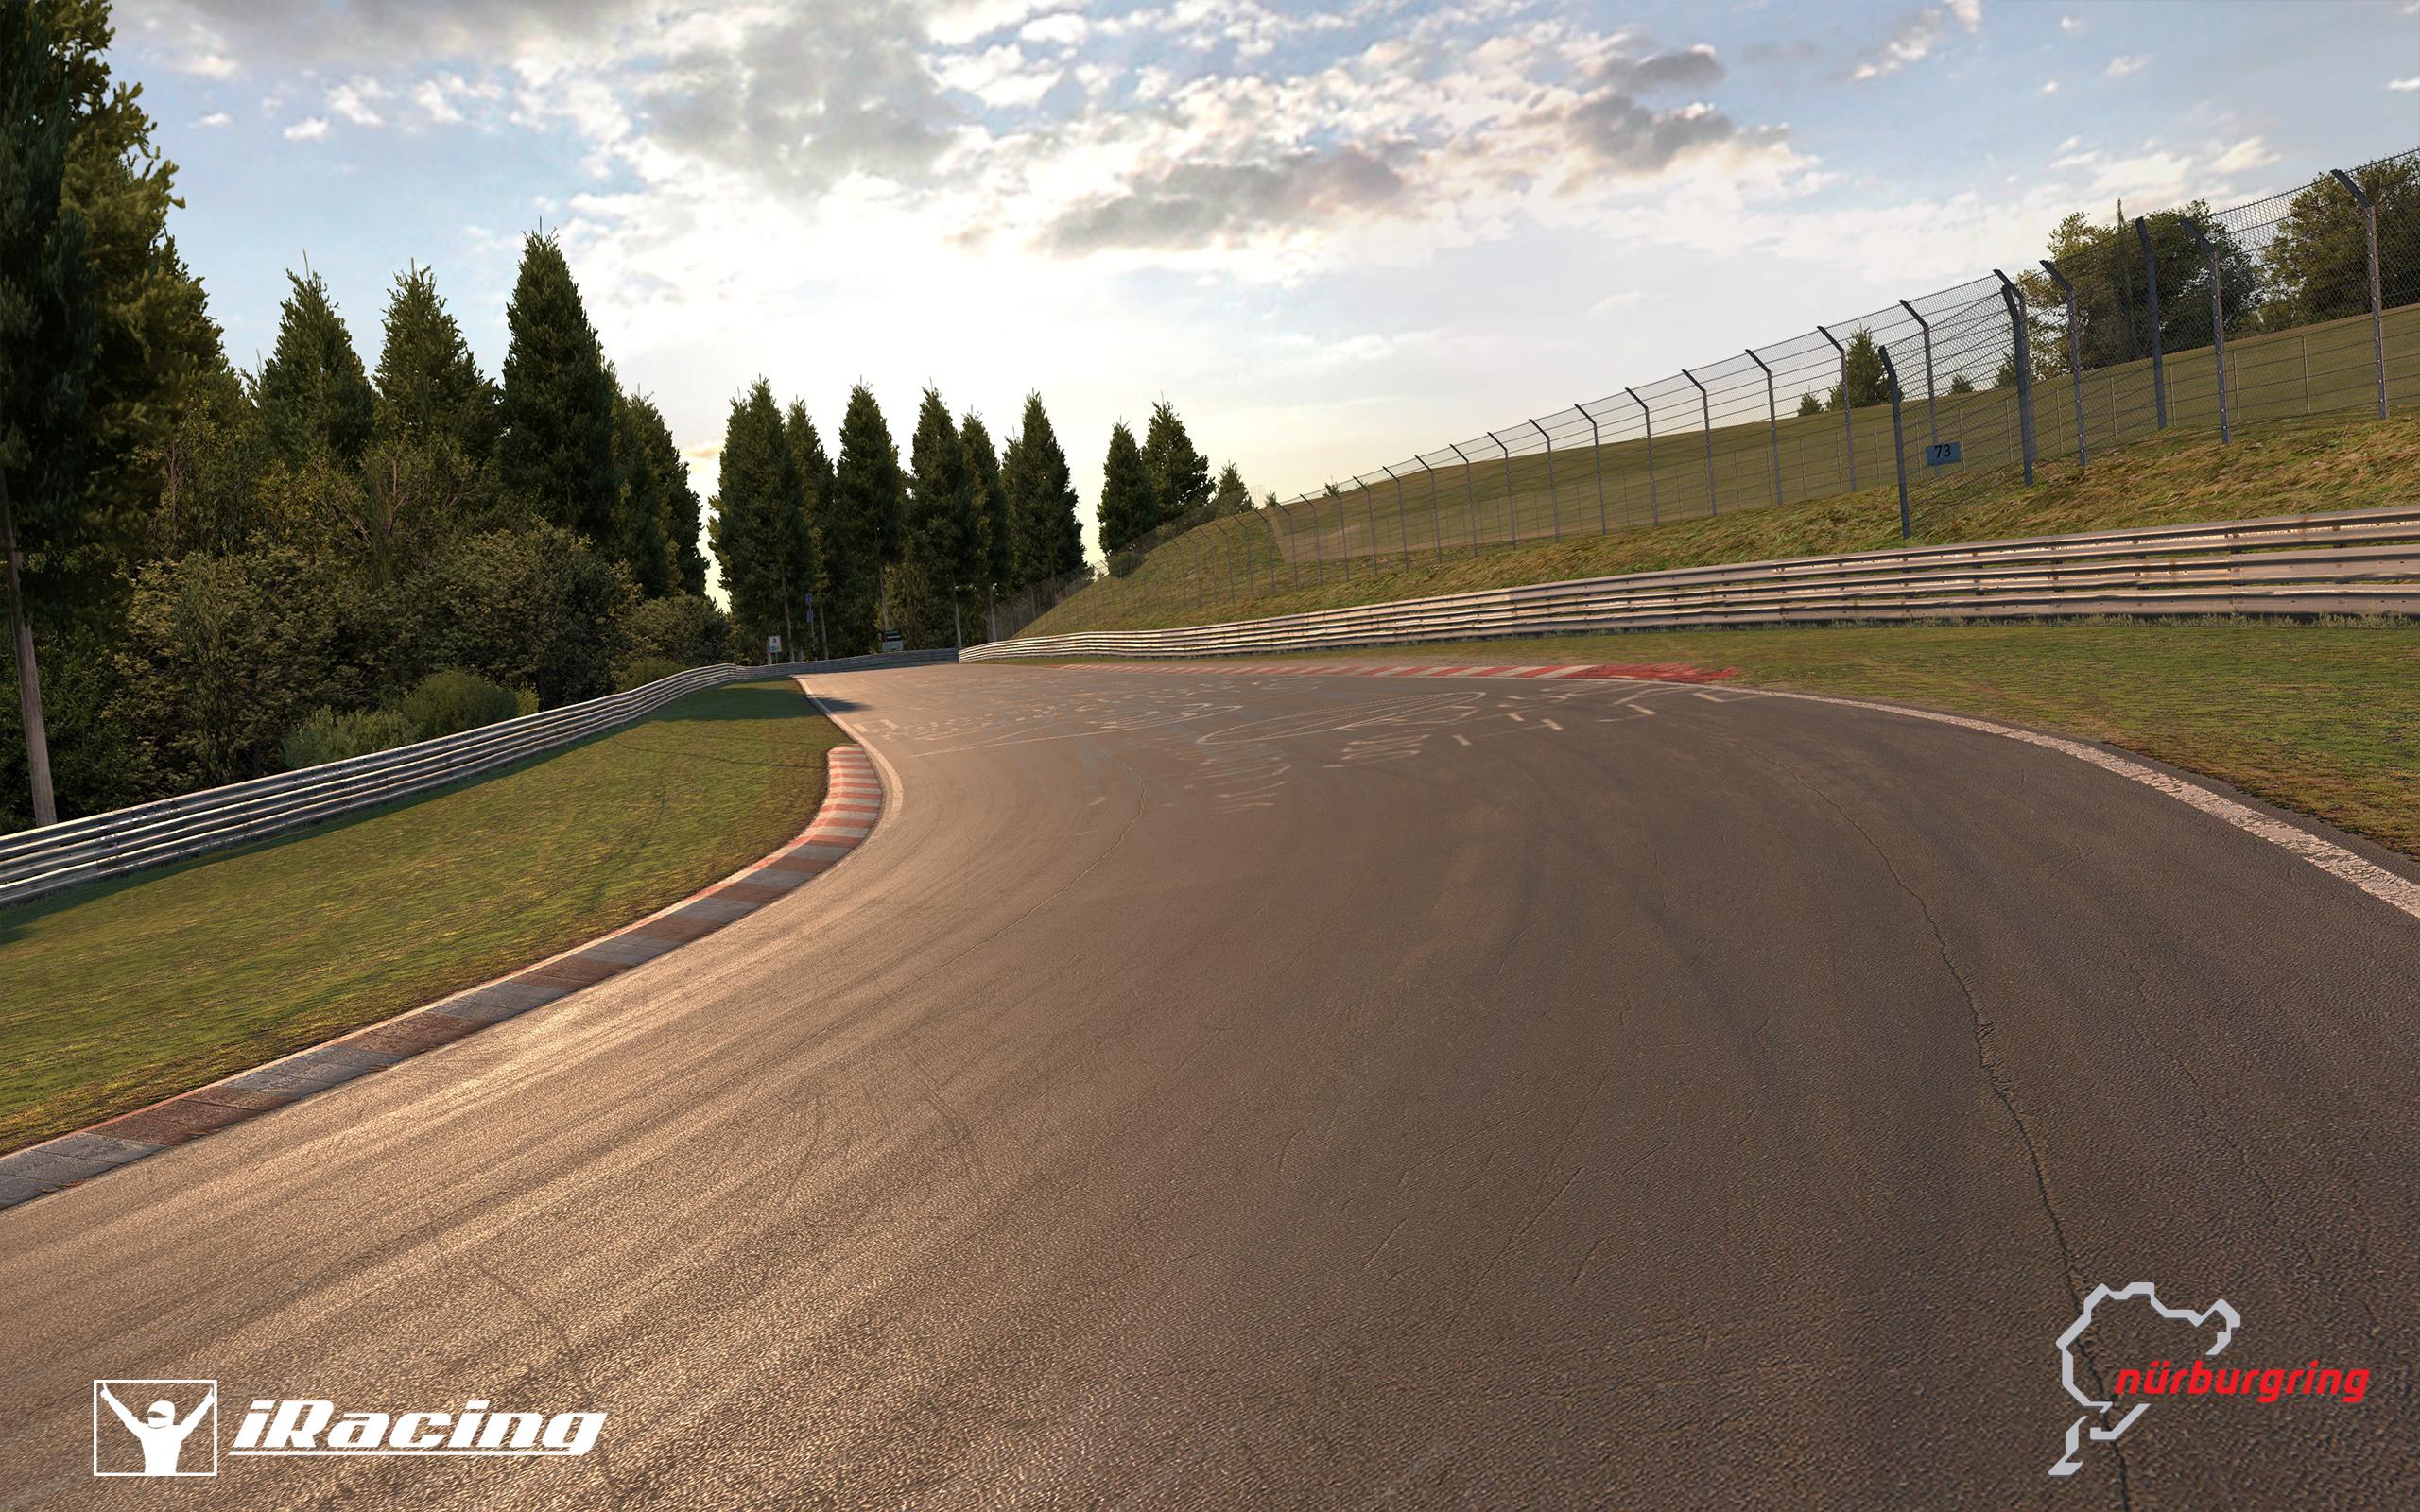 iracing_nurburgring_19